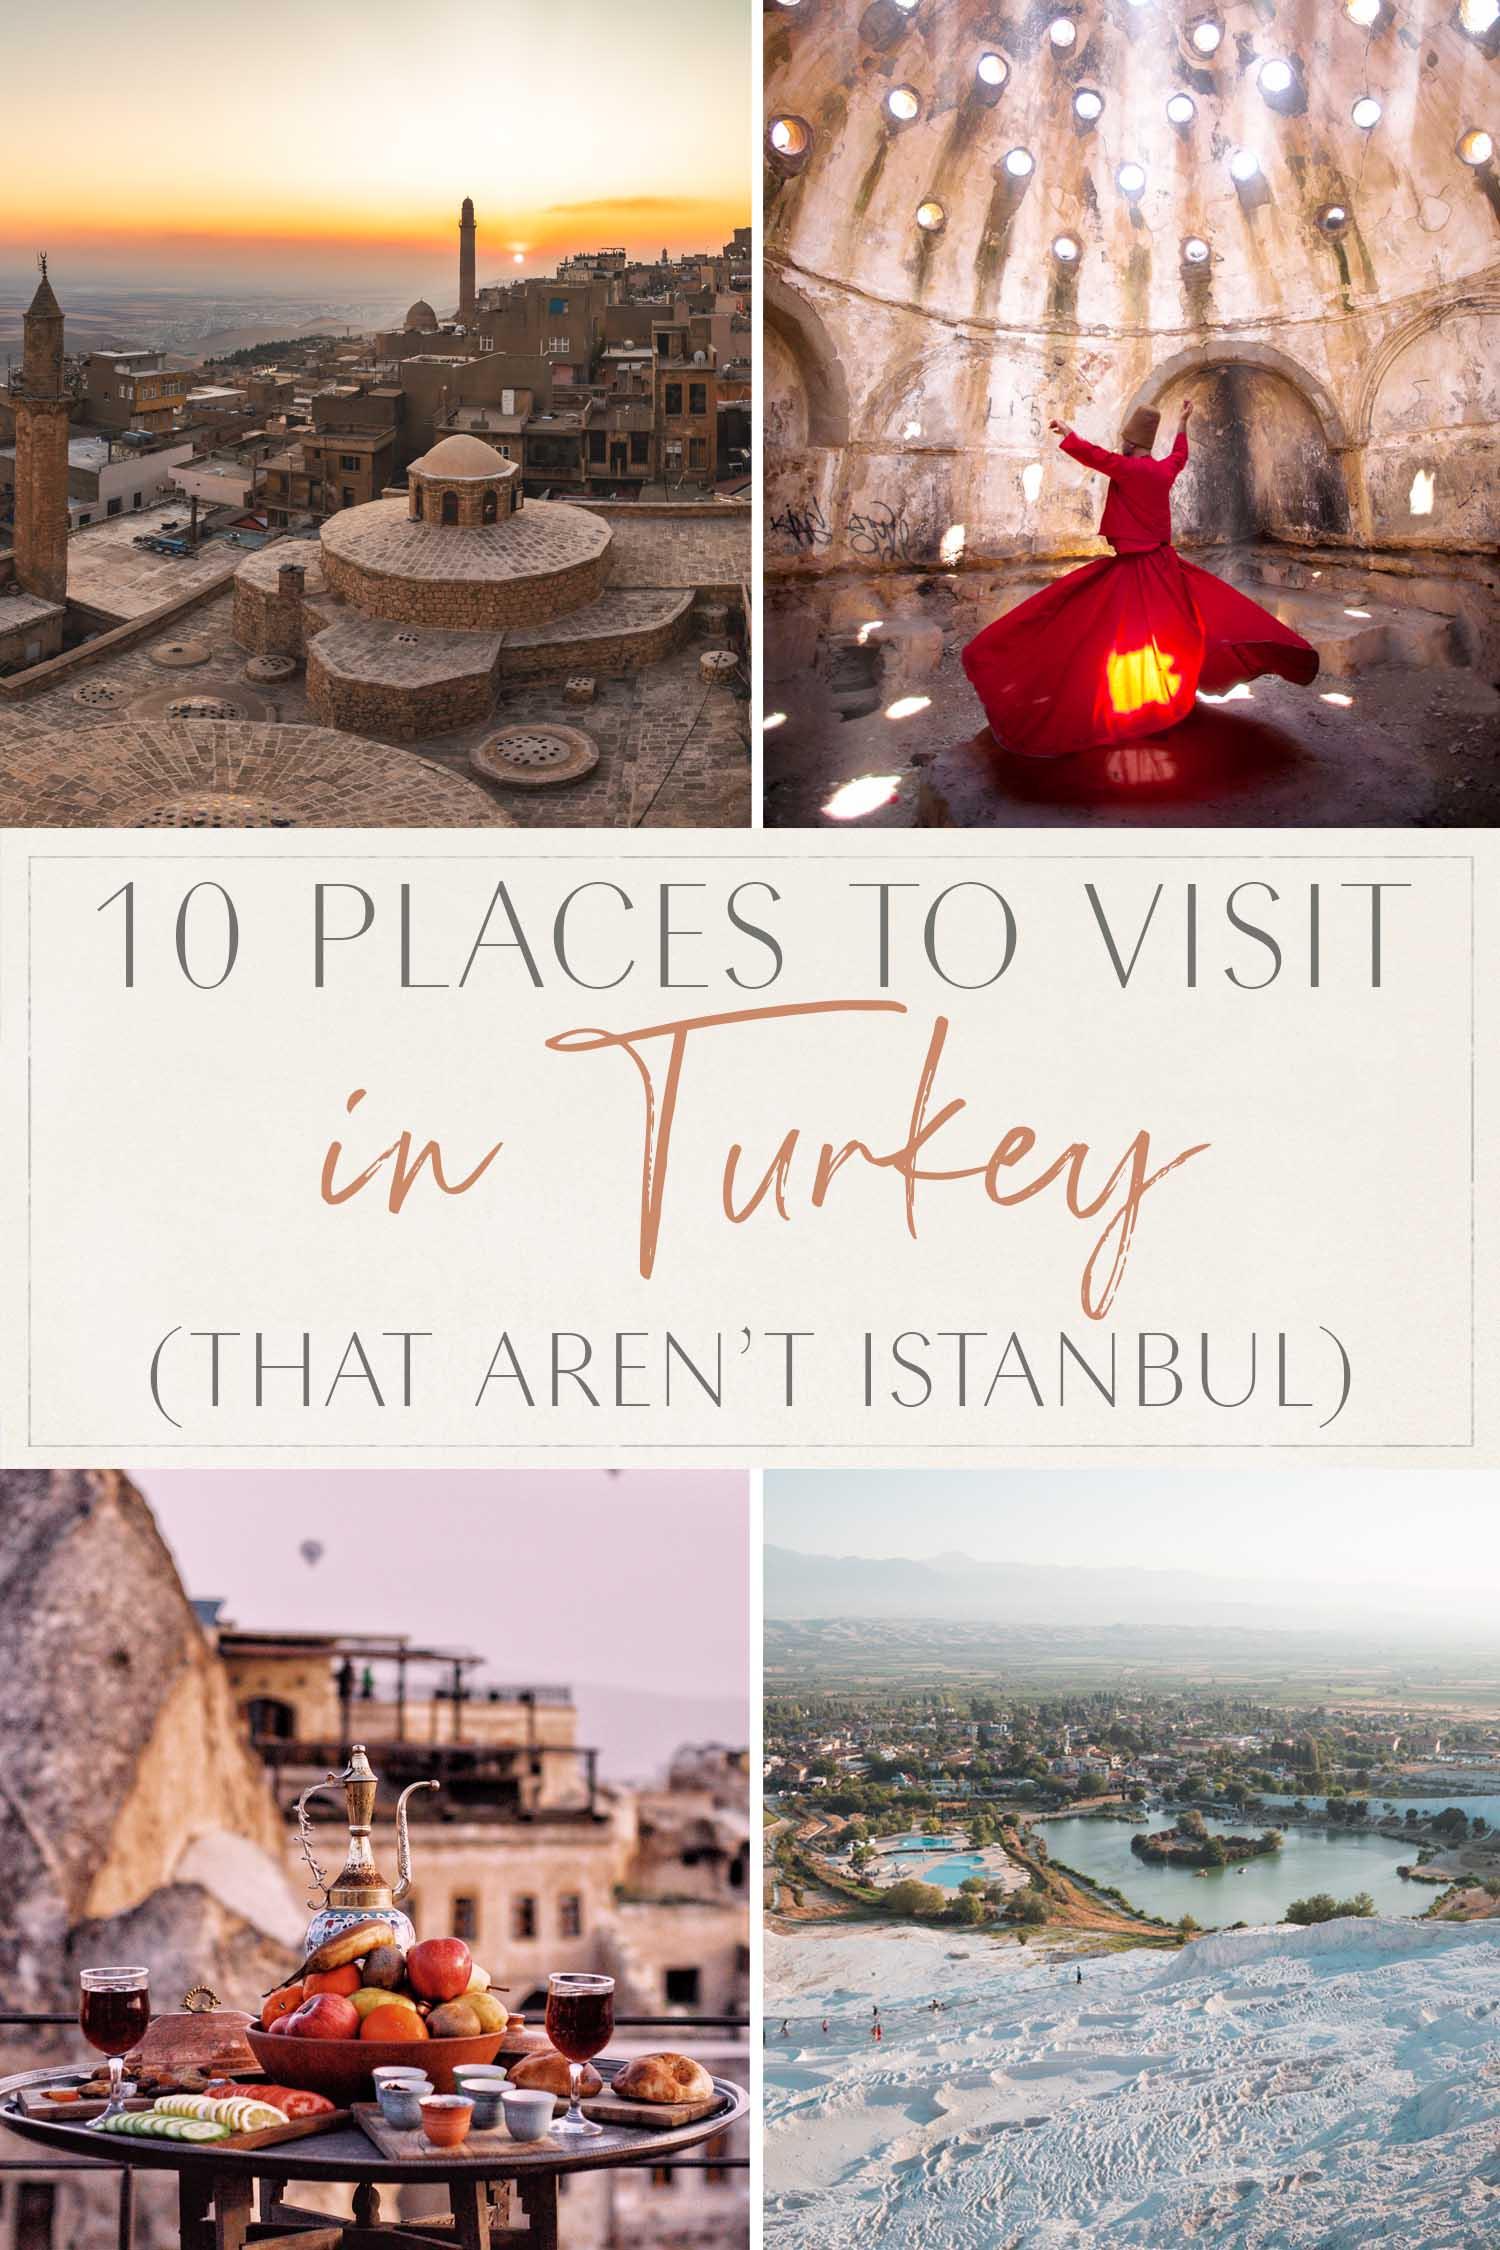 10 Places Turkey